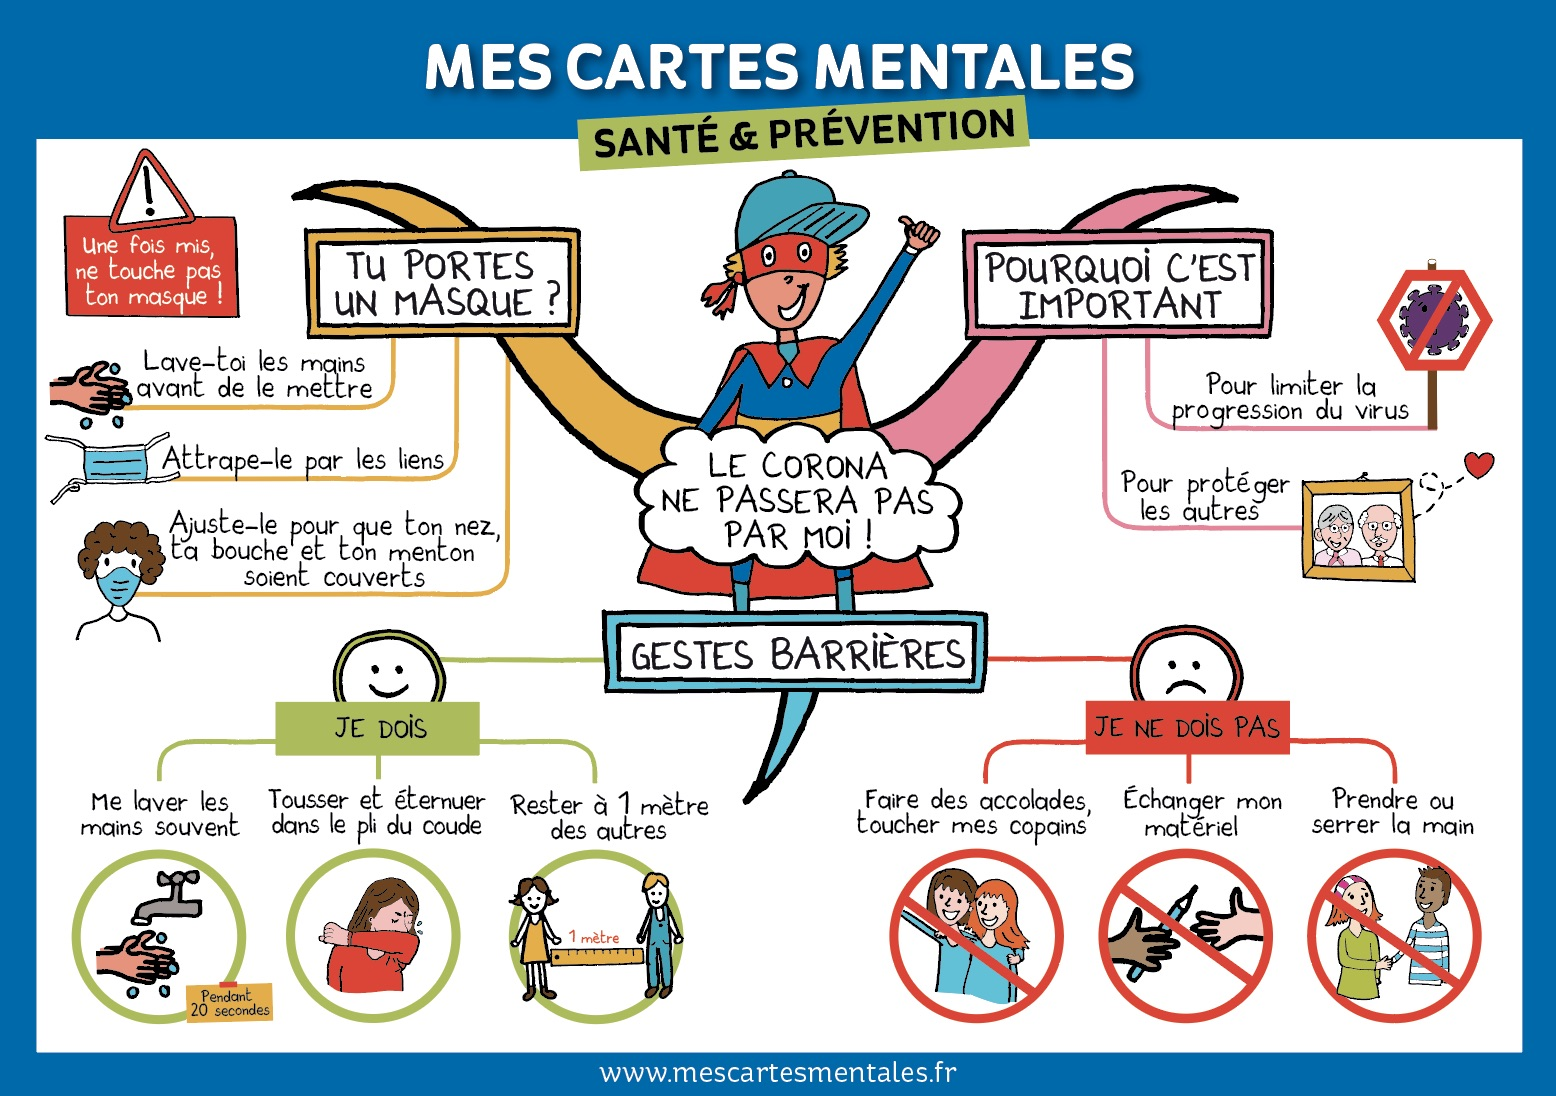 GESTES BARRIERES EXPLIQUES AUX ENFANTS - Mes cartes mentales